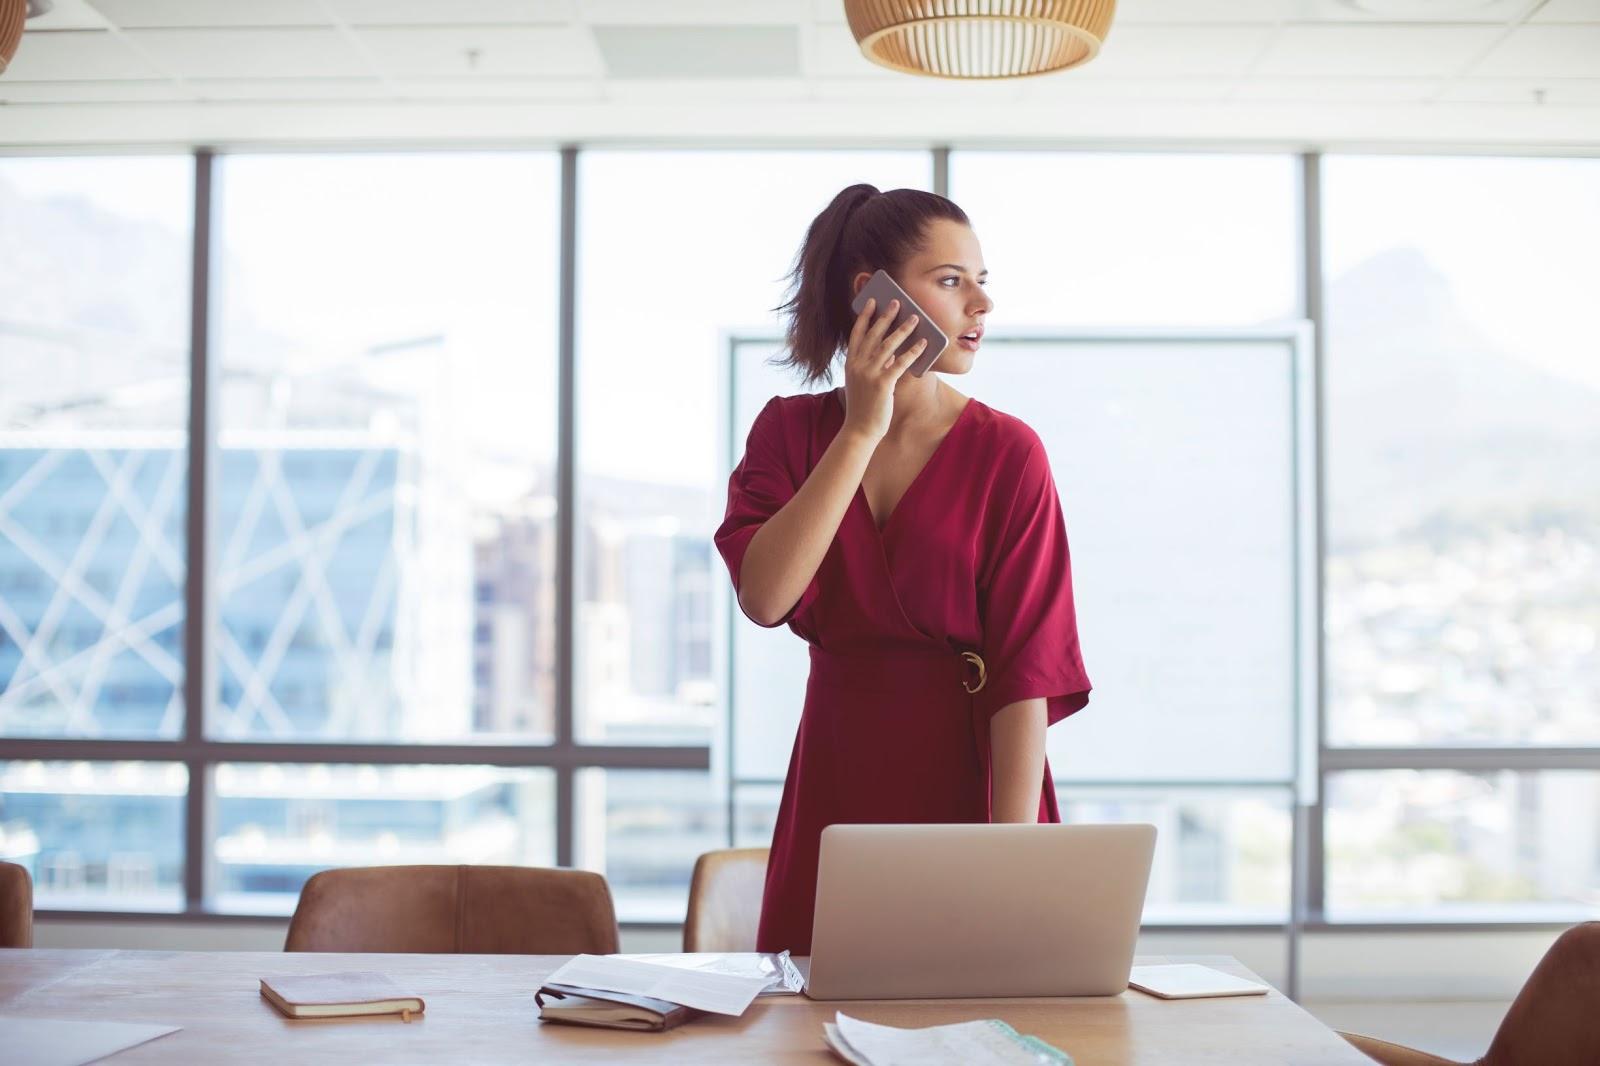 Sukienki jesienne do pracy, czyli jak przemycić trendy do biurowego dress code'u